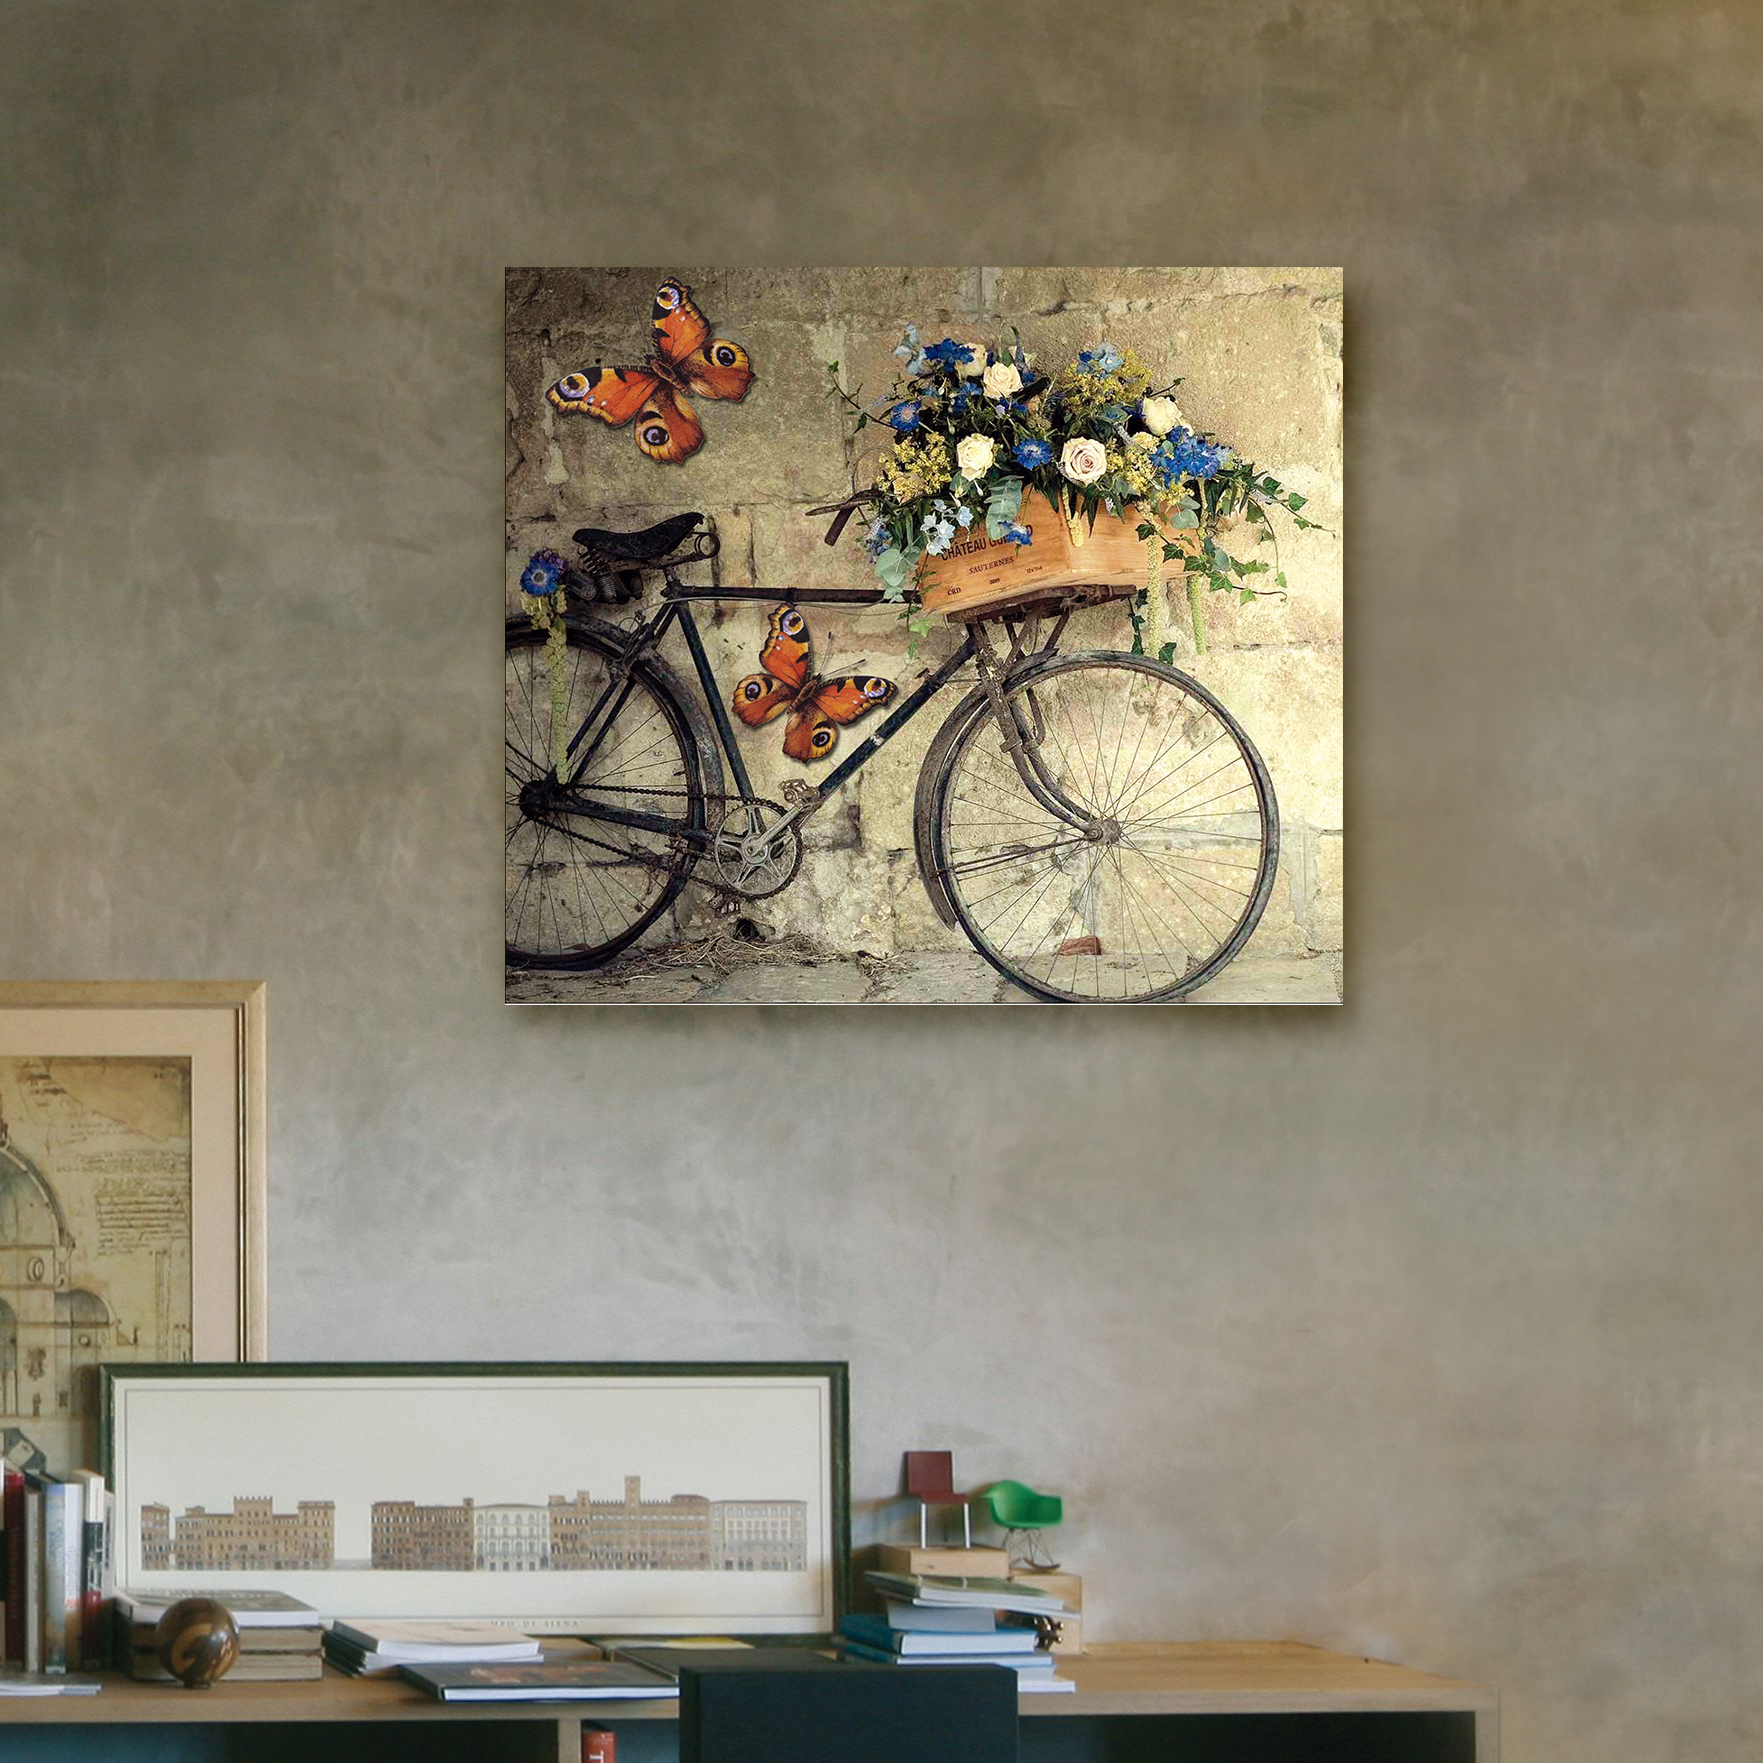 Bicicleta vintage 40cm x 35cm cuadros decorativos for Donde puedo comprar cuadros decorativos